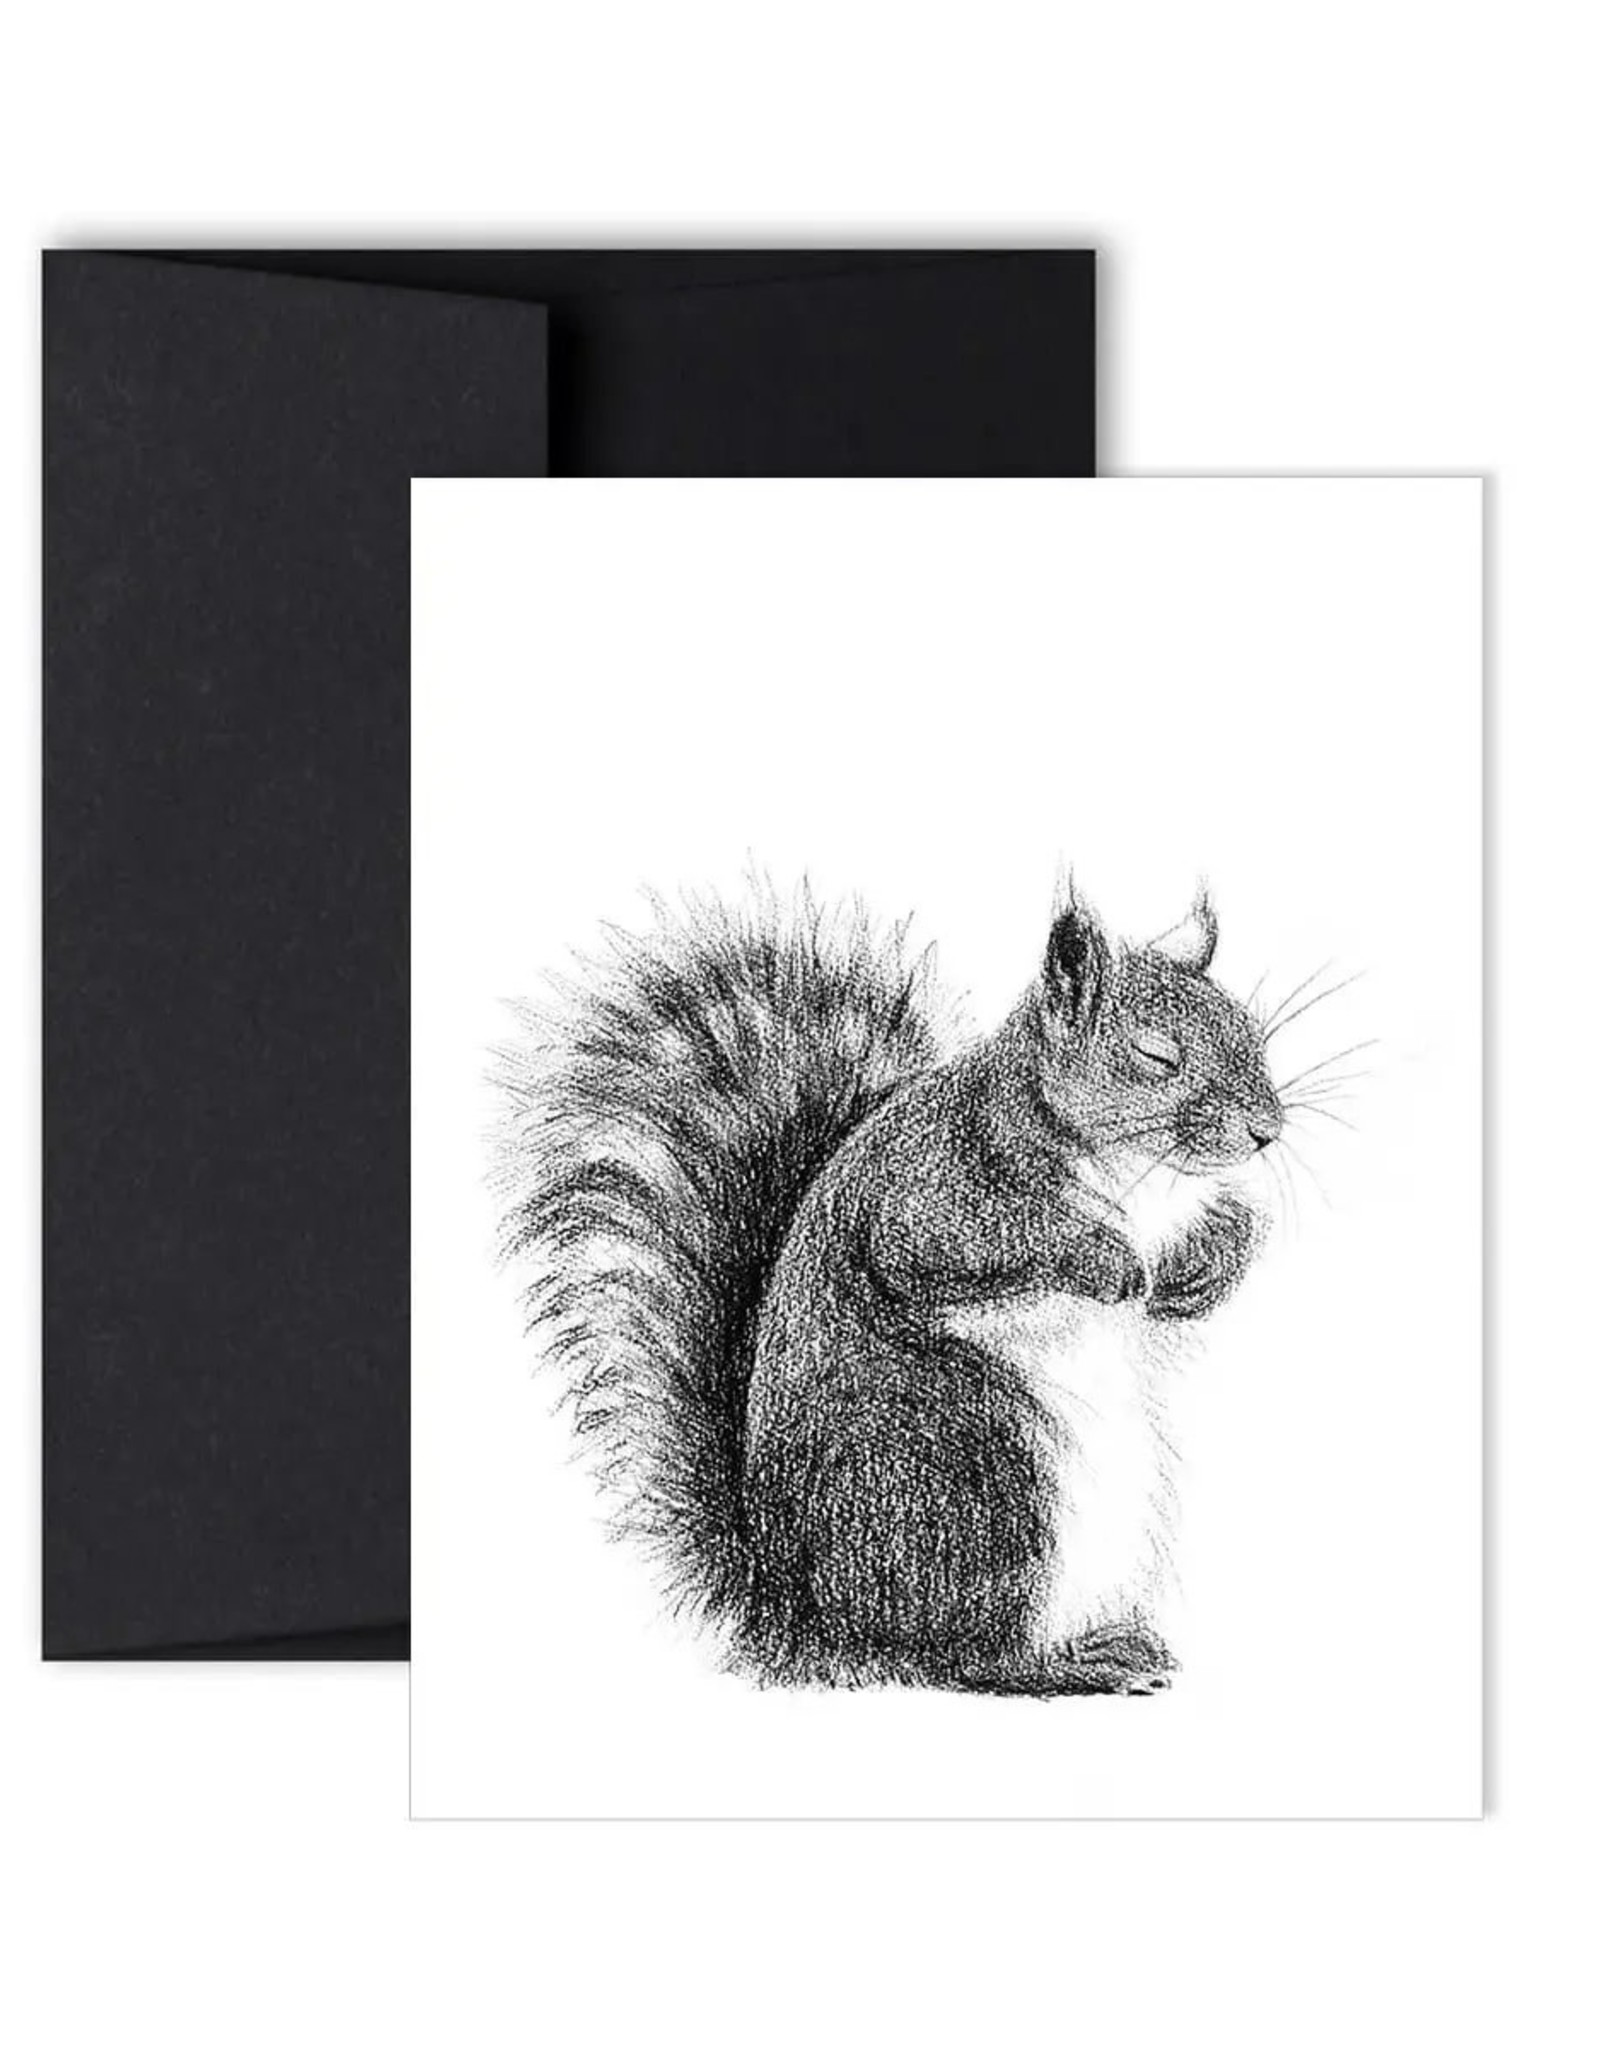 Le Nid - Sleeping Squirrel